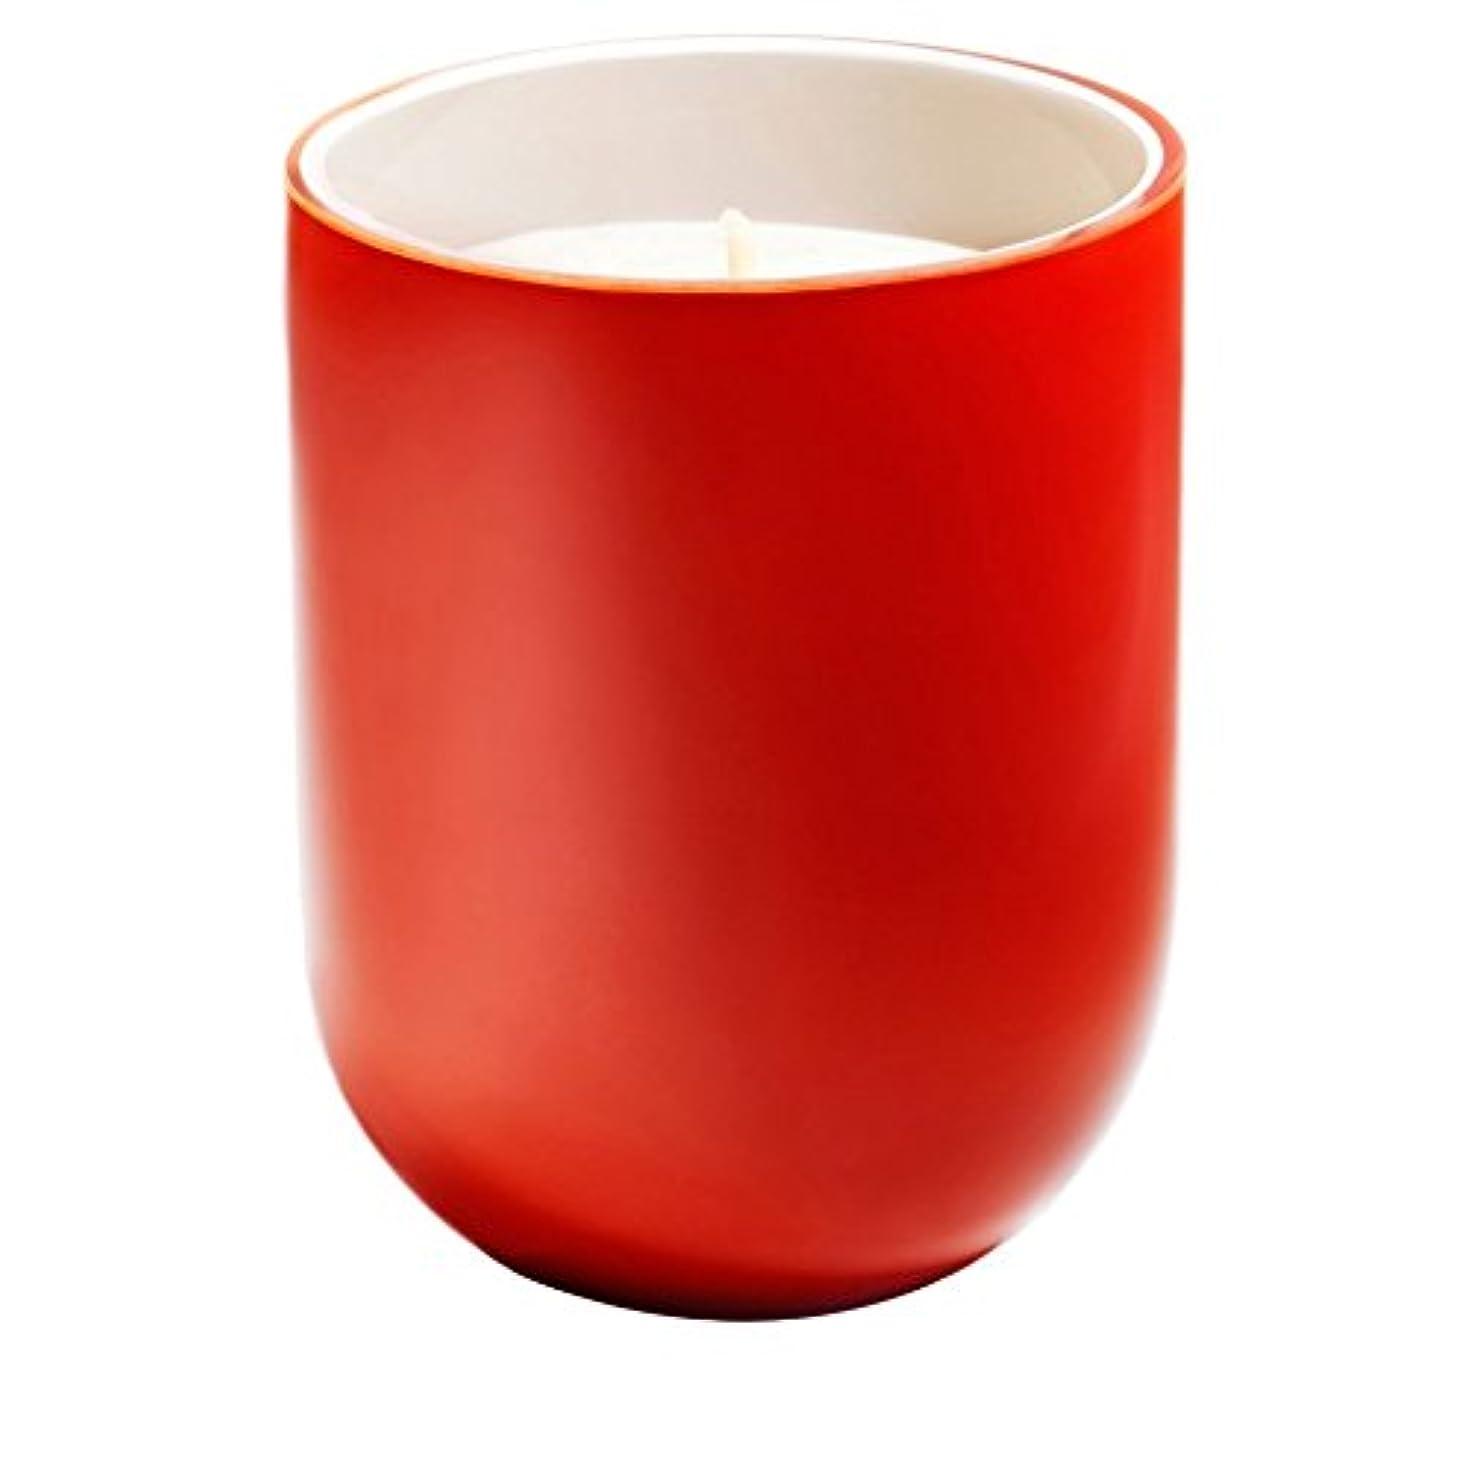 酸化物シャイ死にかけているフレデリック?マルプルミエ舞香りのキャンドル x6 - Frederic Malle 1er Mai Scented Candle (Pack of 6) [並行輸入品]